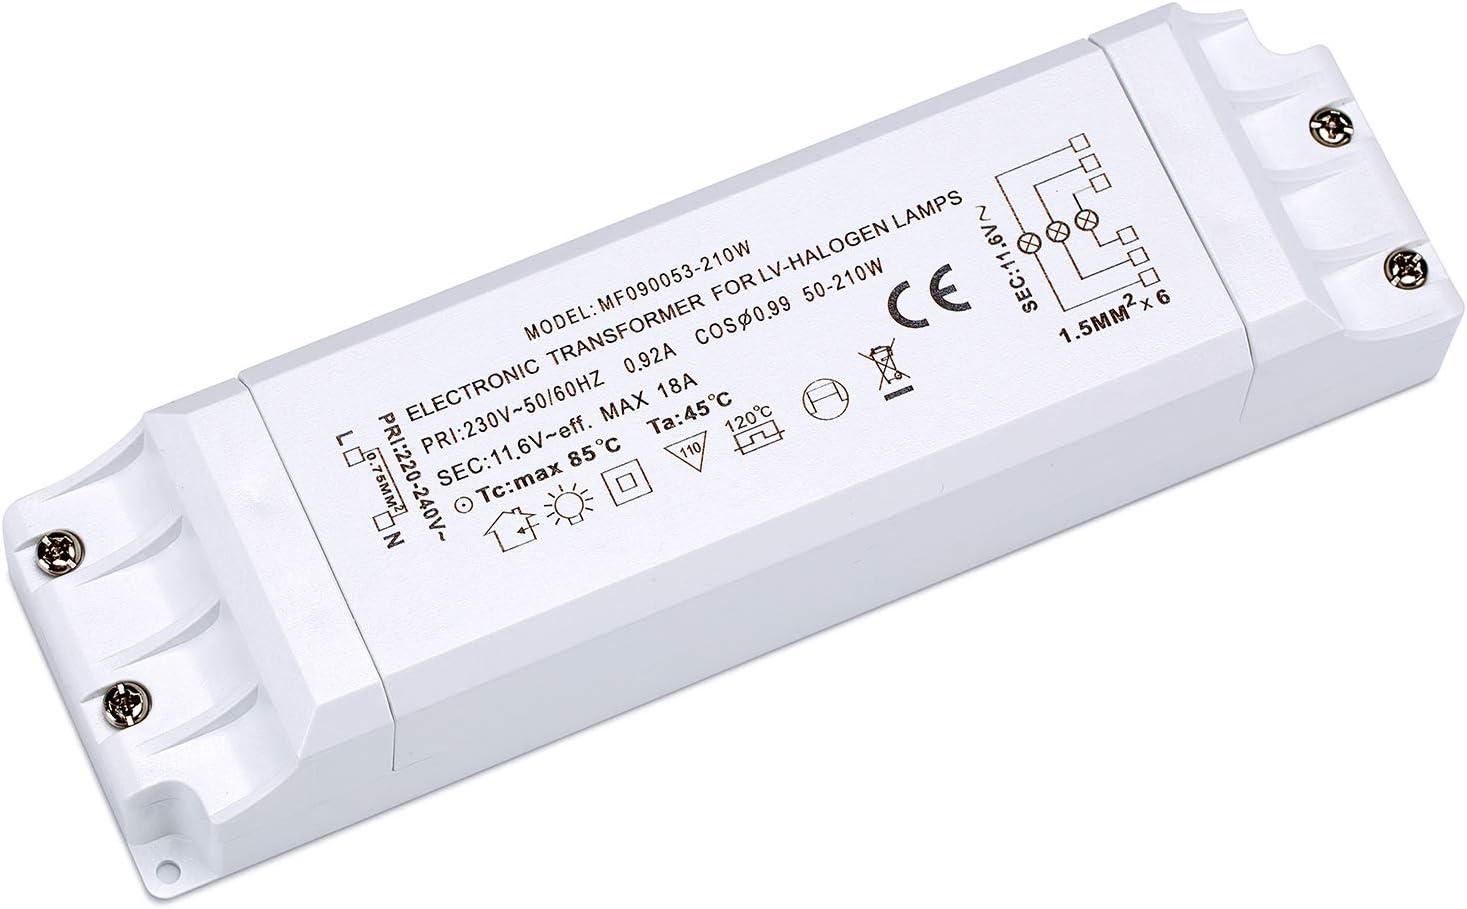 Yafido Transformador Electr/ónico 220V AC a 12V DC 50-210W para L/ámparas Hal/ógenas con Protecci/ón Contra Sobrecarga y Sobrecalentamiento